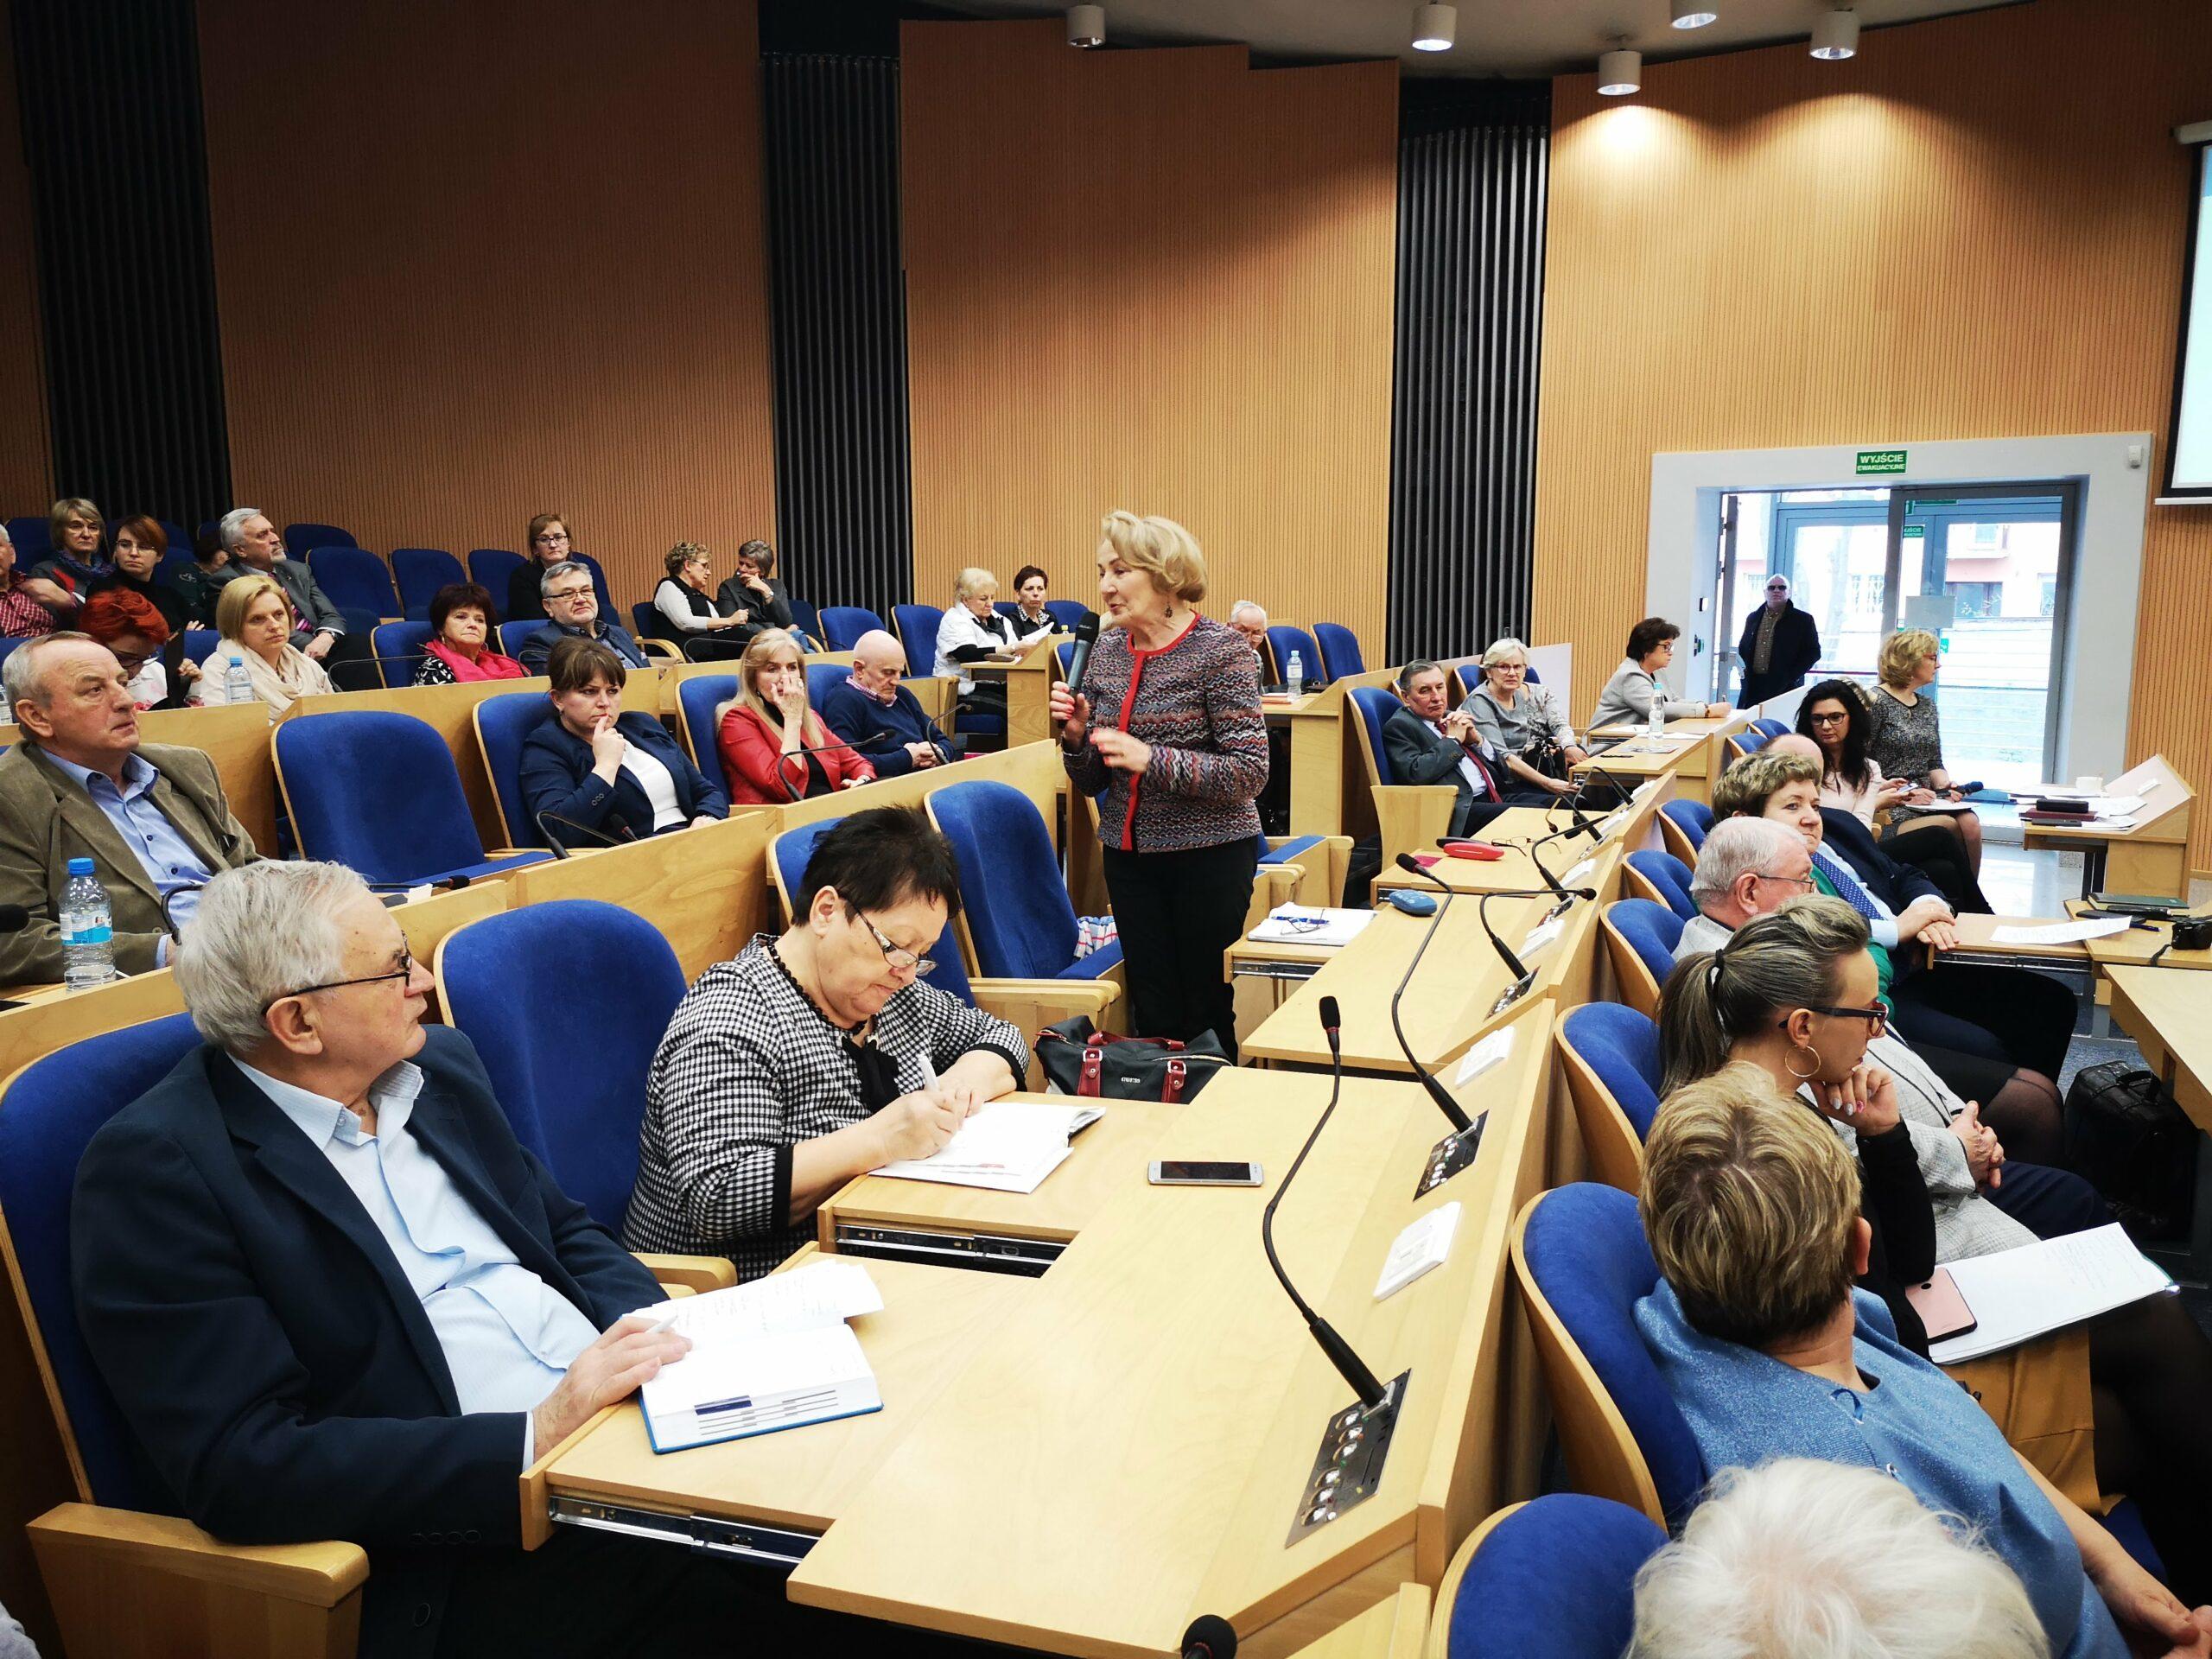 W województwie pomorskich działa ponad 40 Uniwersytetów Trzeciego Wieku. Wkrótce po raz pierwszy w urzędzie marszałkowskim odbędzie spotkanie przedstawicieli pomorskich UTW [ZAPROSZENIE]